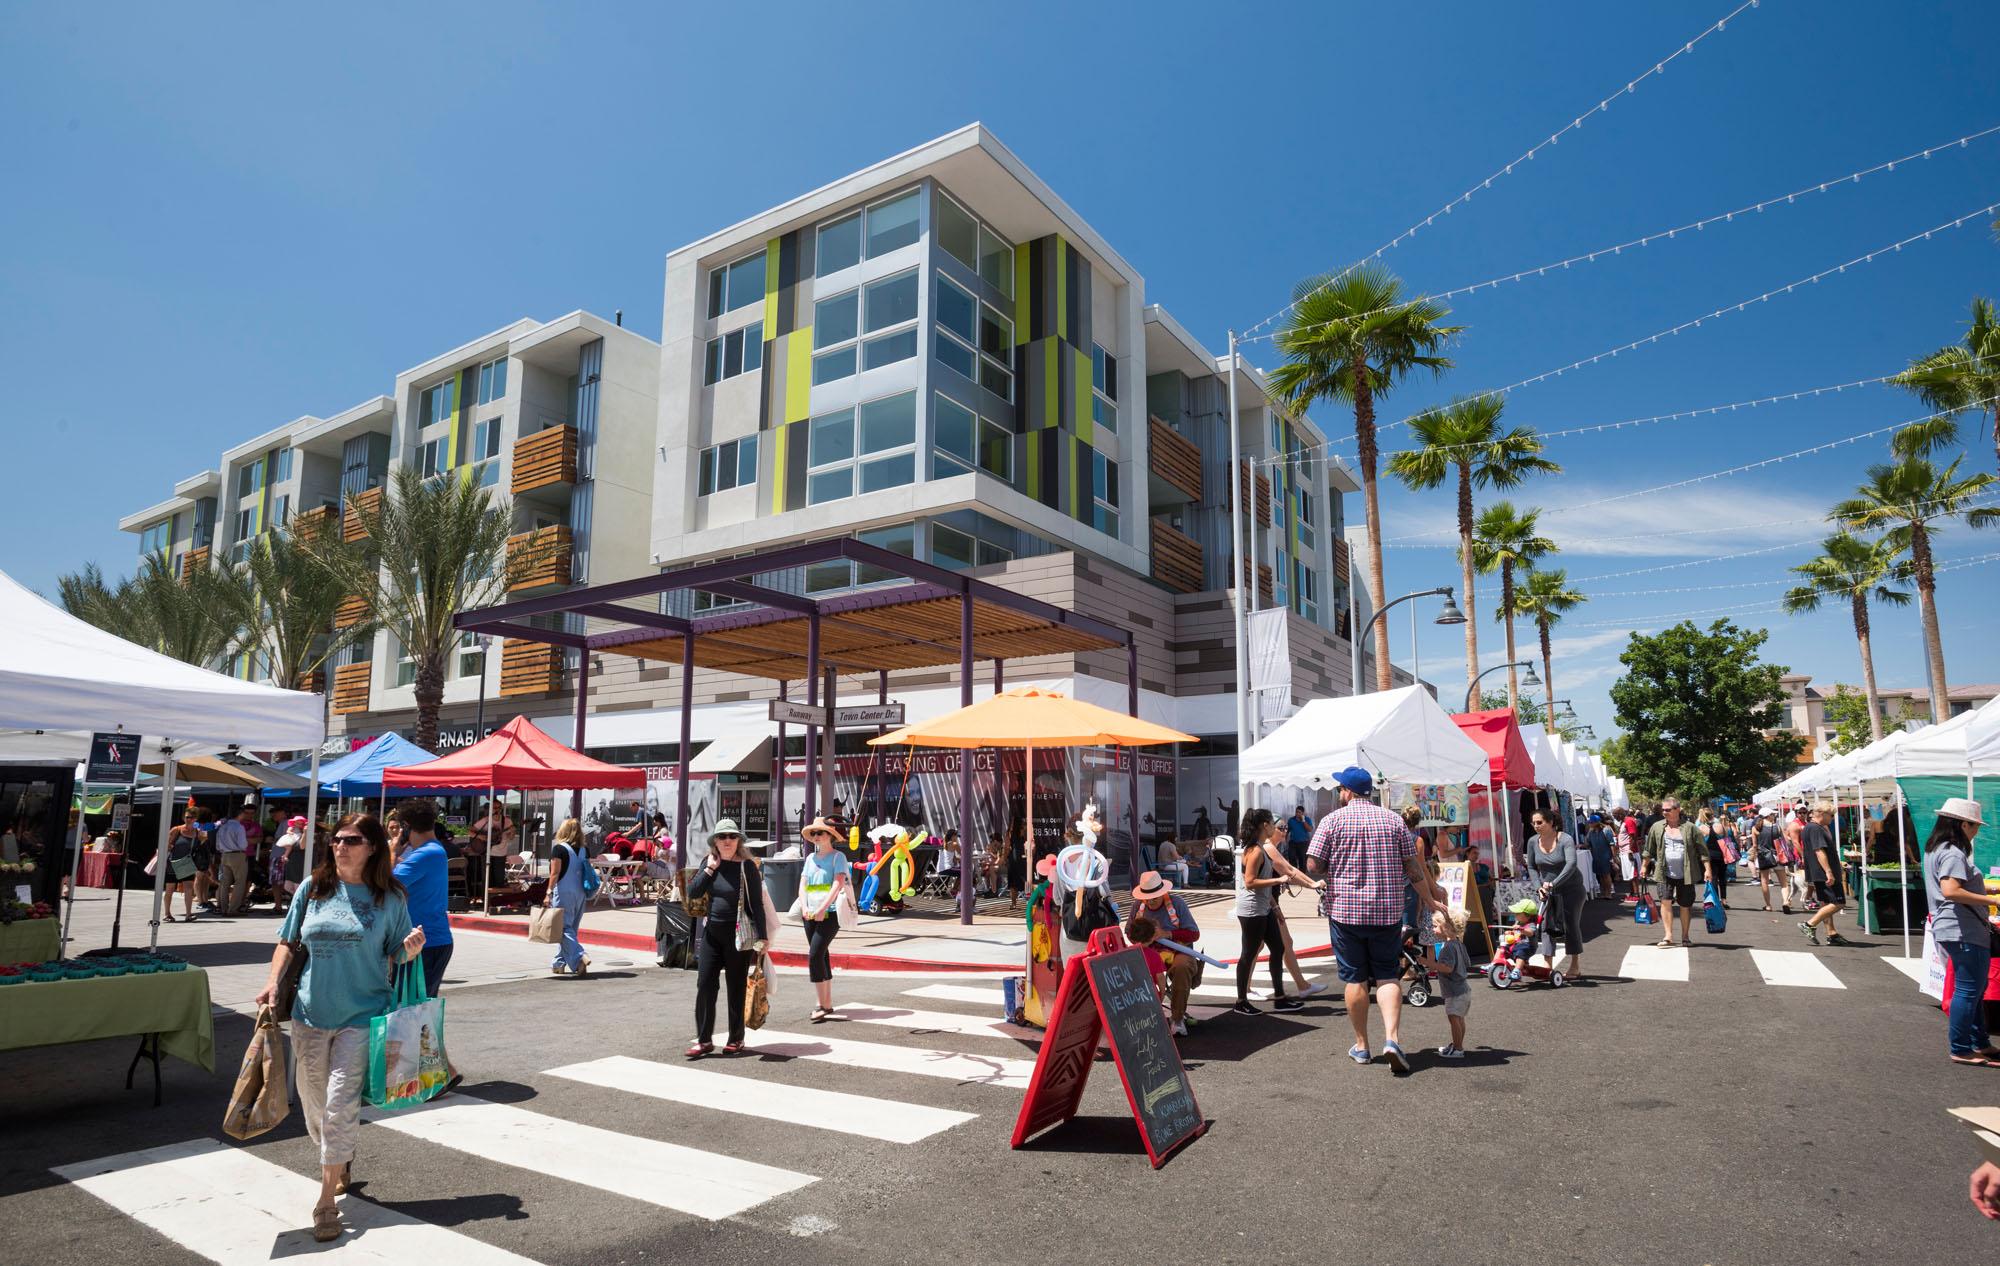 Stadia Games and Entertainment открыла студию Playa Vista, которая будет делать эксклюзивы для Google Stadia